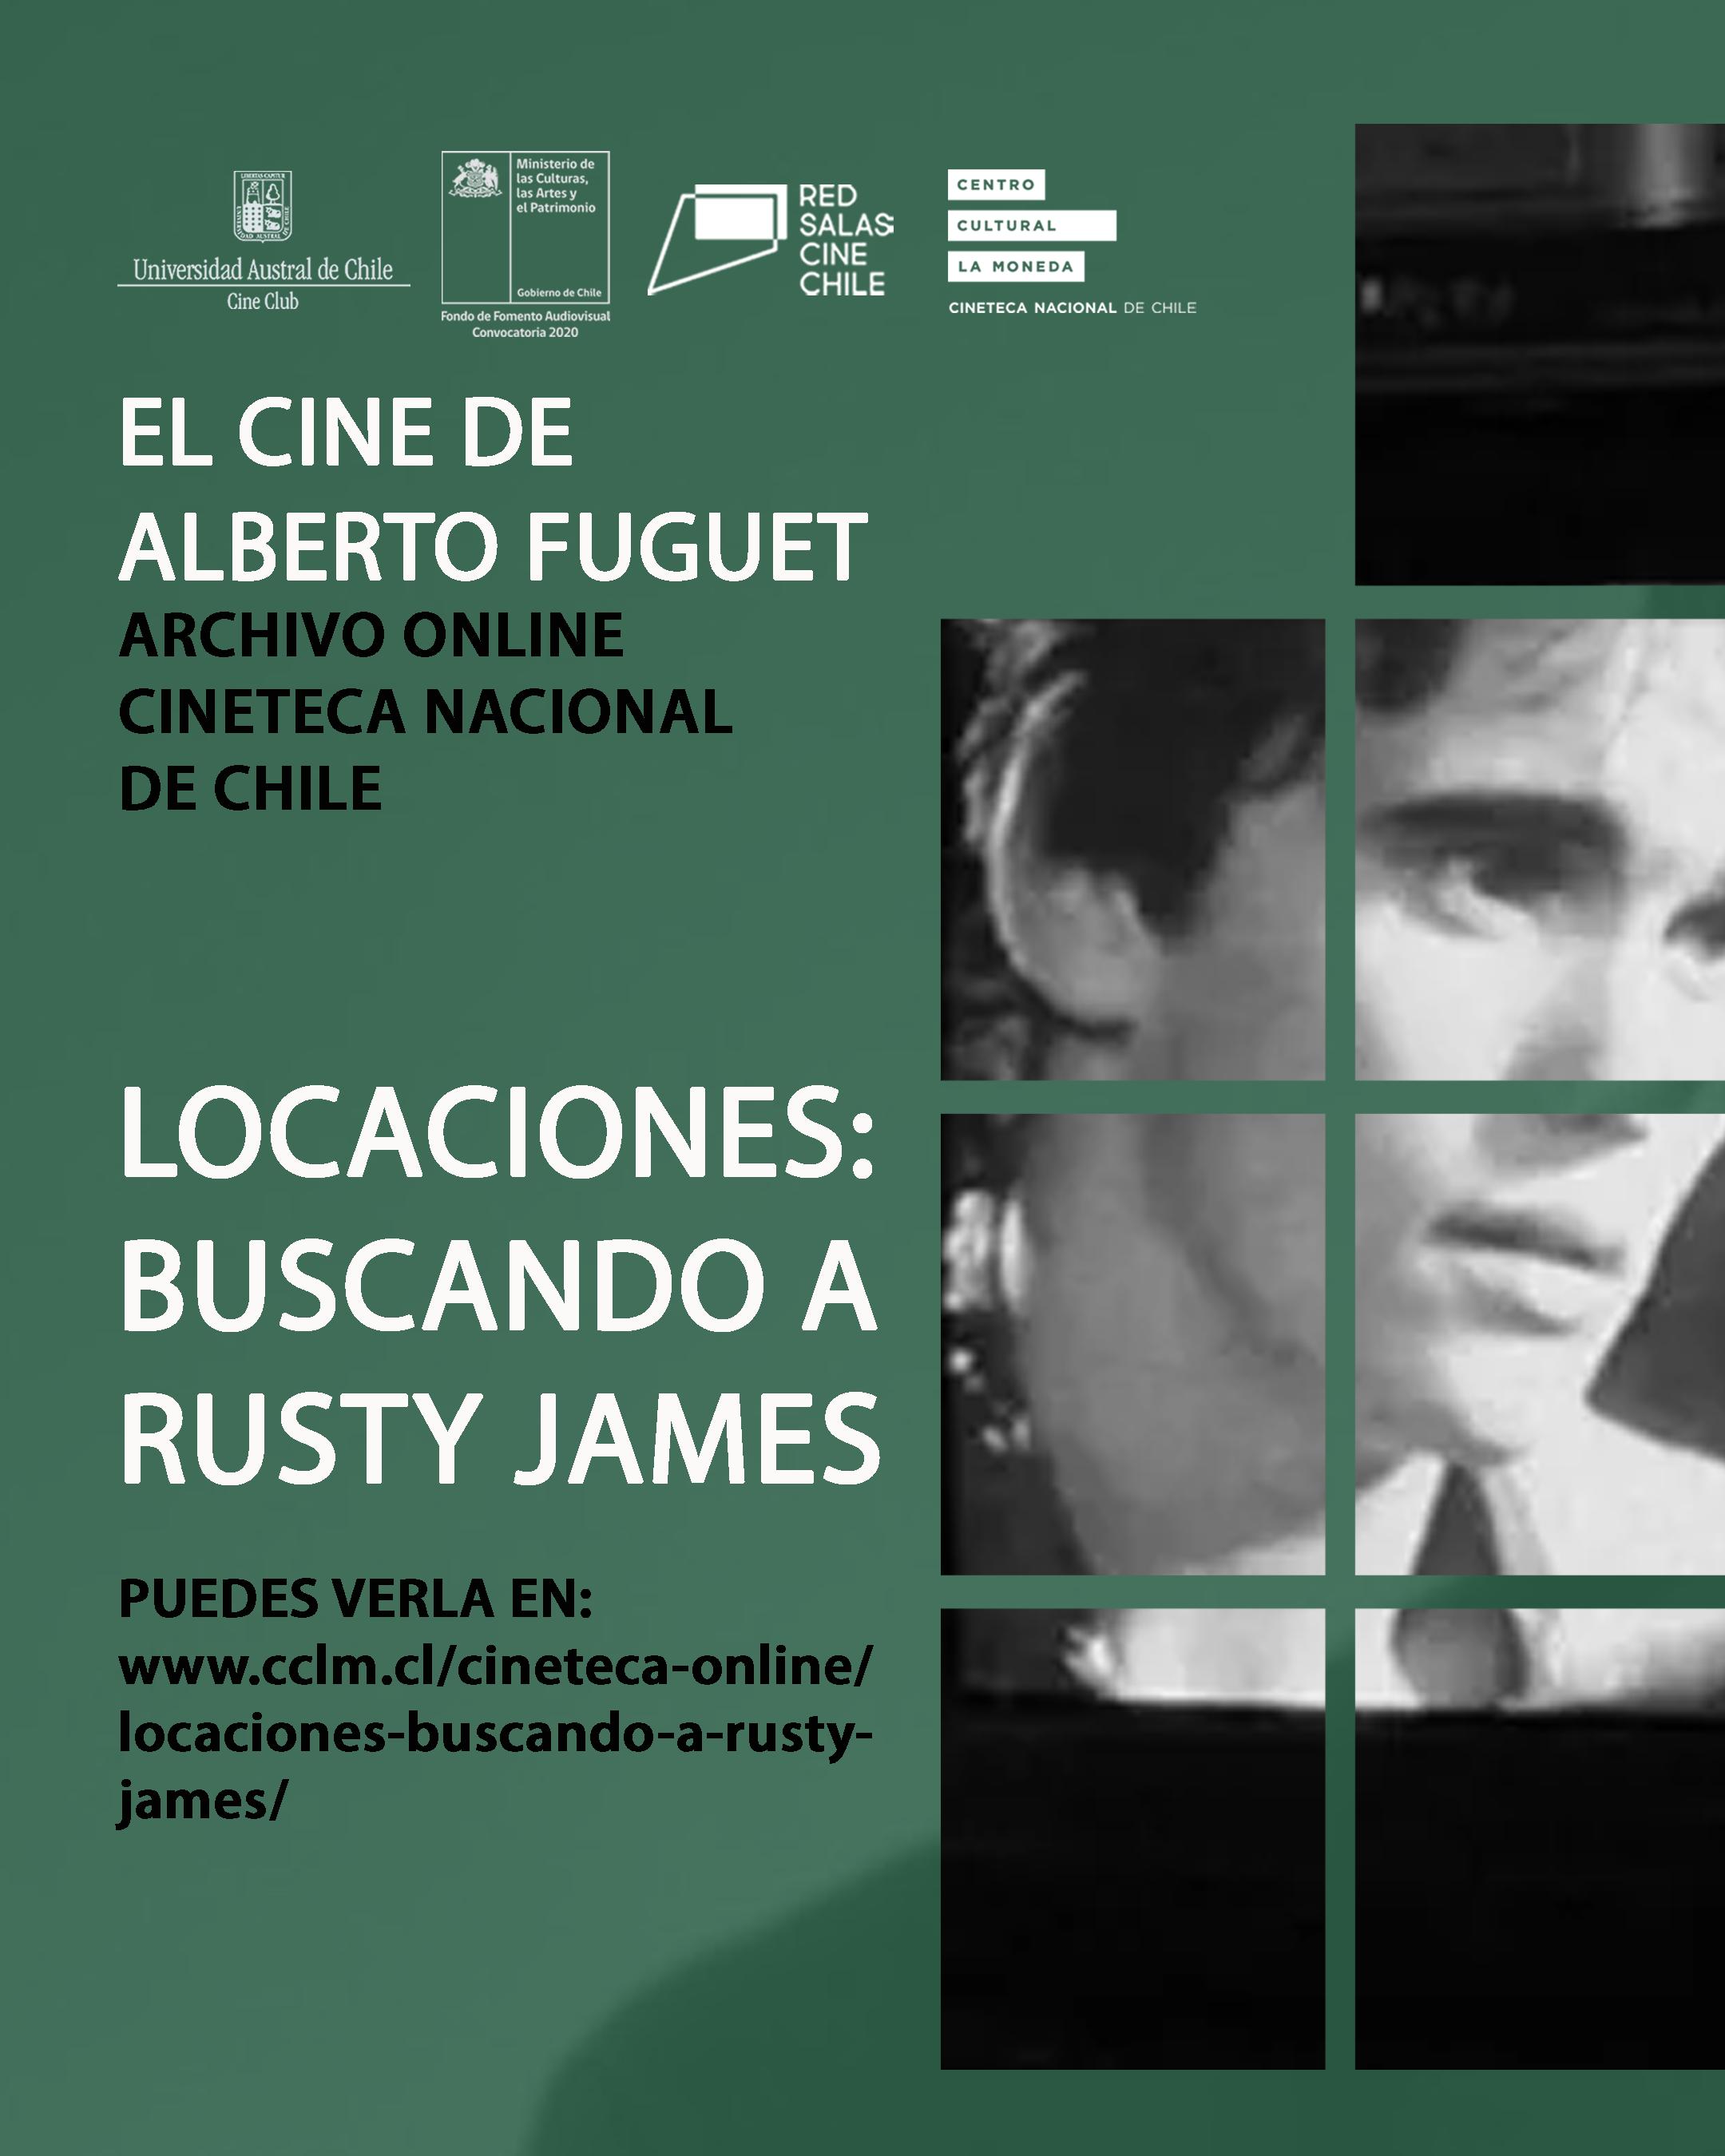 Locaciones: Buscando a Rusty James